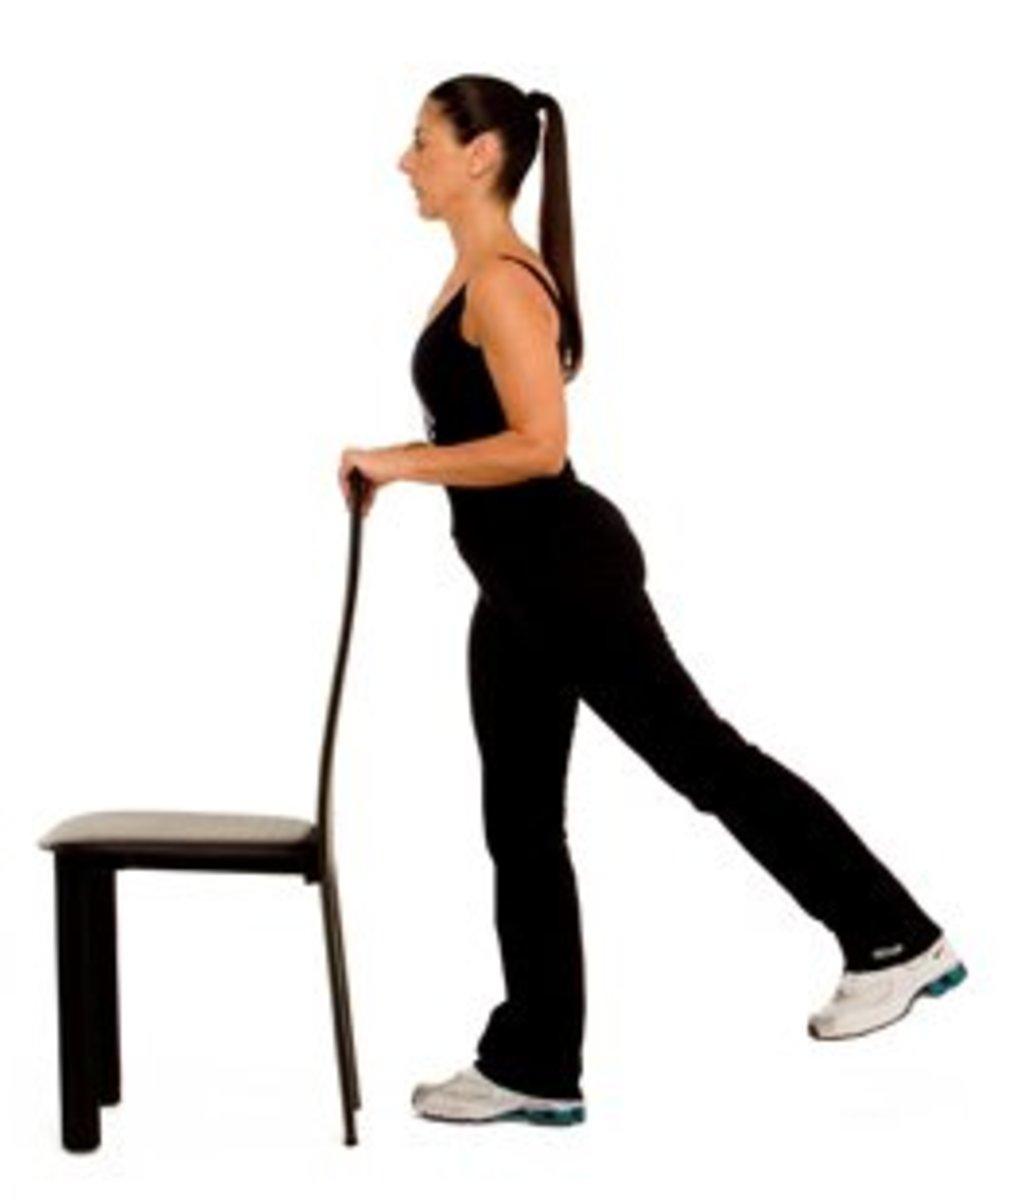 standing leg lift - backward leg lift using a chair